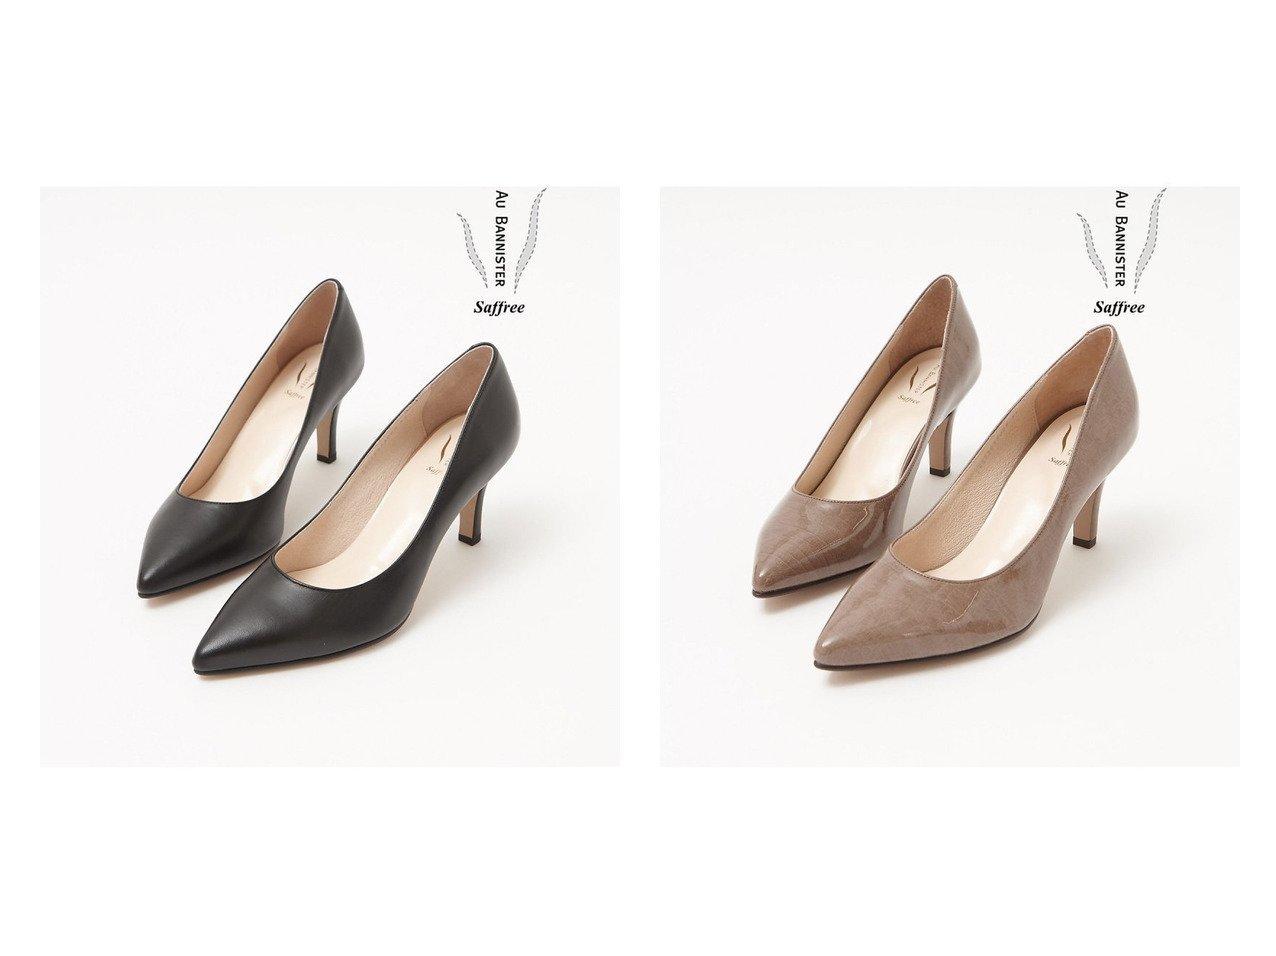 【Au BANNISTER/オゥ バニスター】のSaffreeハイヒールパンプス シューズ・靴のおすすめ!人気、トレンド・レディースファッションの通販  おすすめで人気の流行・トレンド、ファッションの通販商品 メンズファッション・キッズファッション・インテリア・家具・レディースファッション・服の通販 founy(ファニー) https://founy.com/ ファッション Fashion レディースファッション WOMEN A/W 秋冬 AW Autumn/Winter / FW Fall-Winter シューズ シンプル ダウン デニム ハイヒール |ID:crp329100000019280